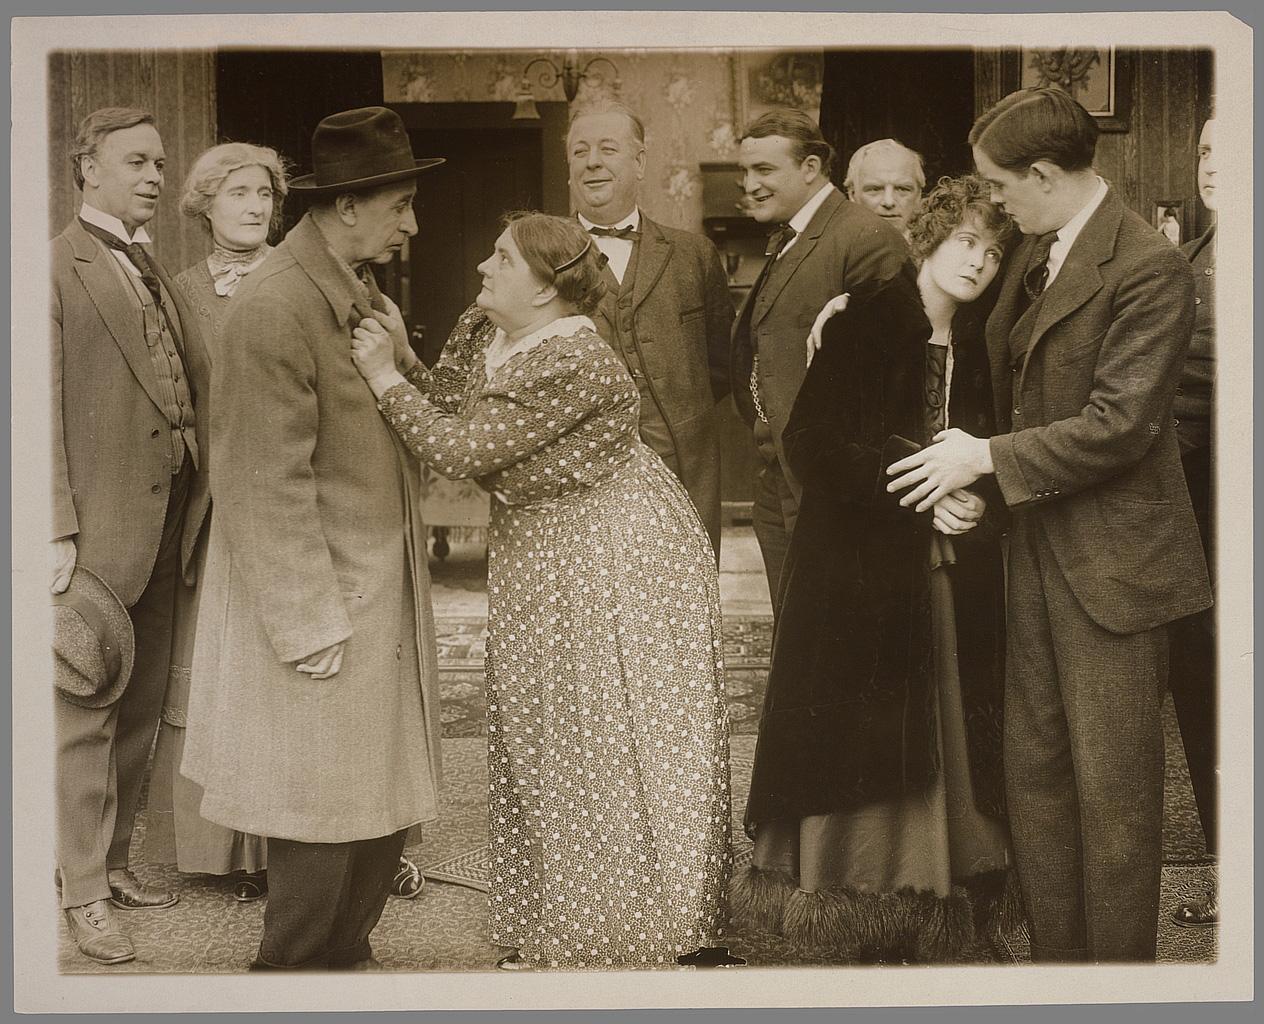 Photo 9 : idem. A chaque femme son homme. D.R.